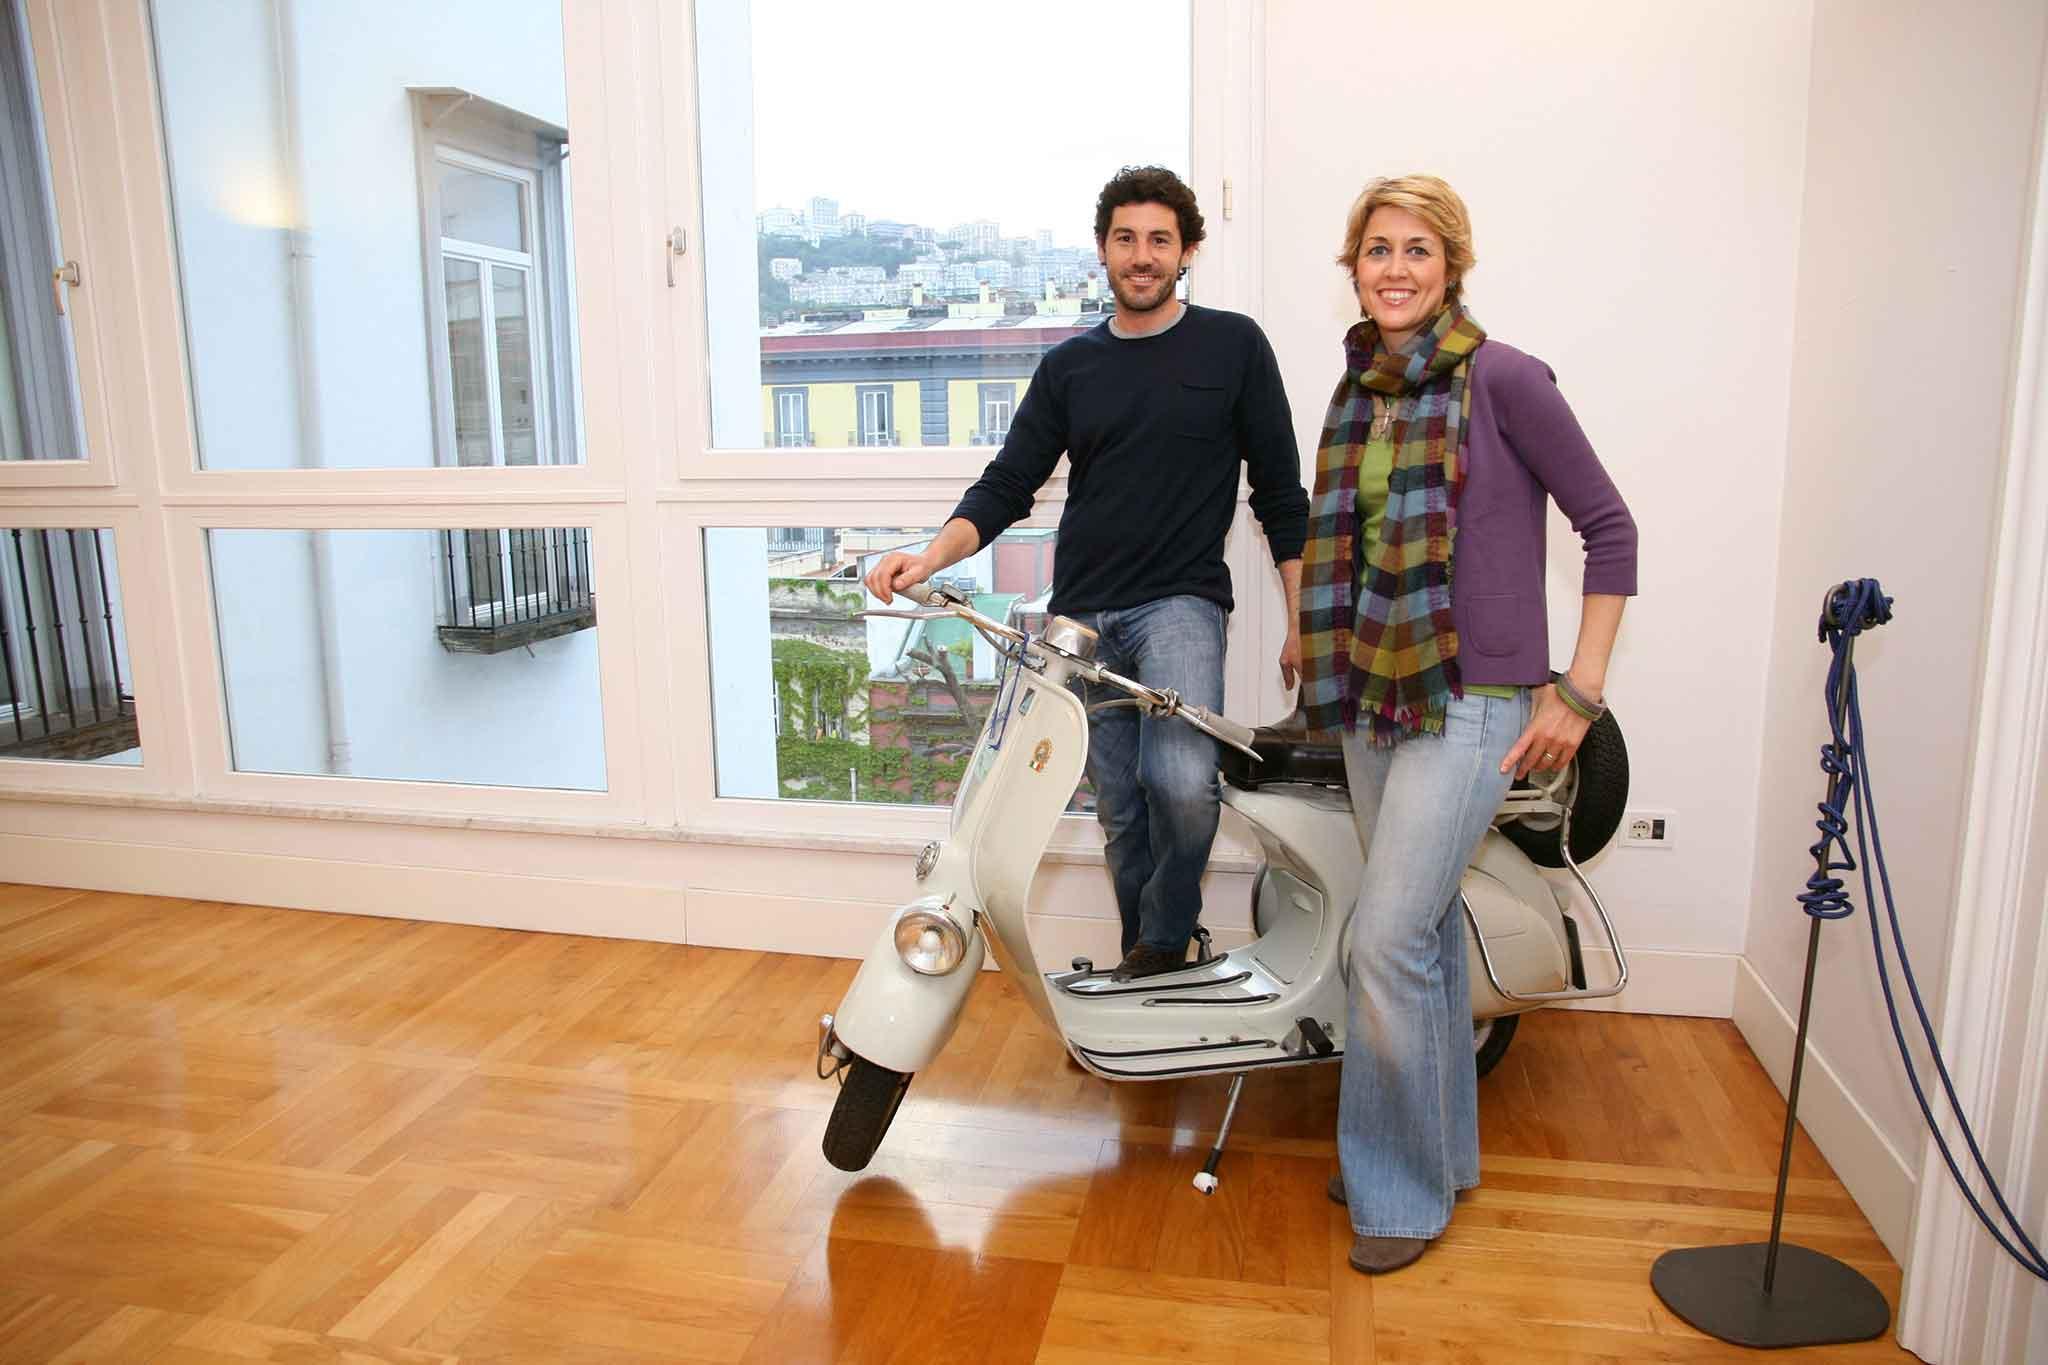 Massimo Napolitano Cristina Falco hotel Bellini Napoli